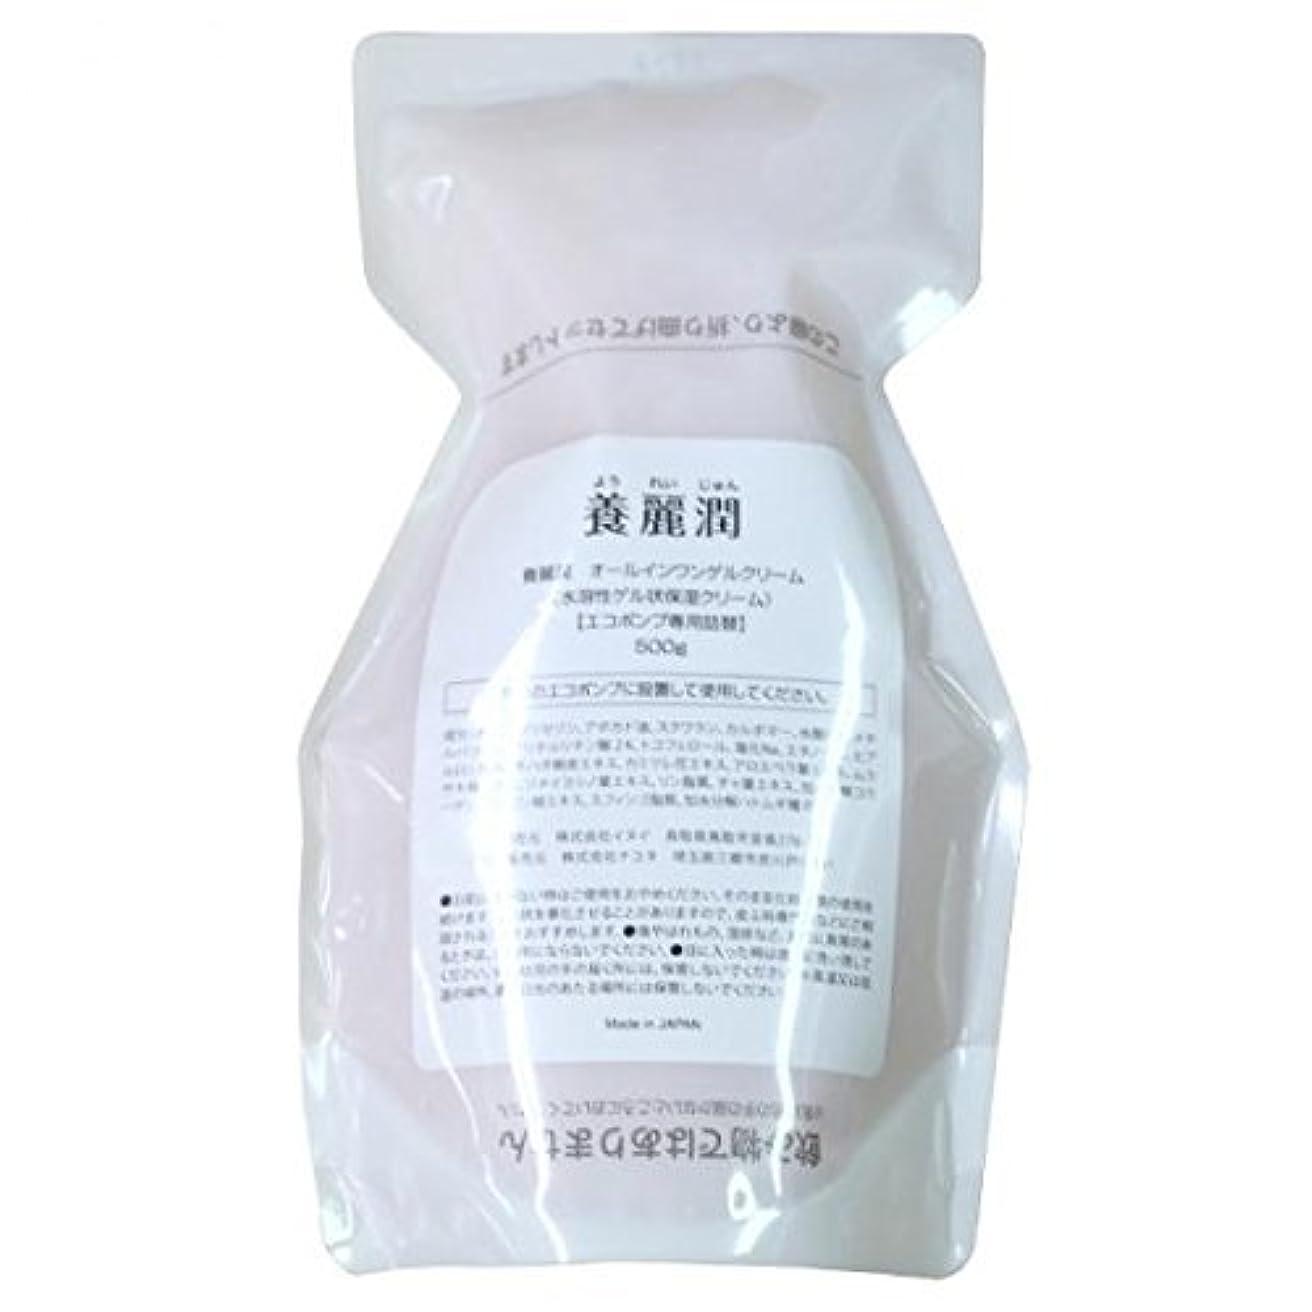 パイプライン分子値下げ養麗潤(ようれいじゅん) 詰め替え用500g